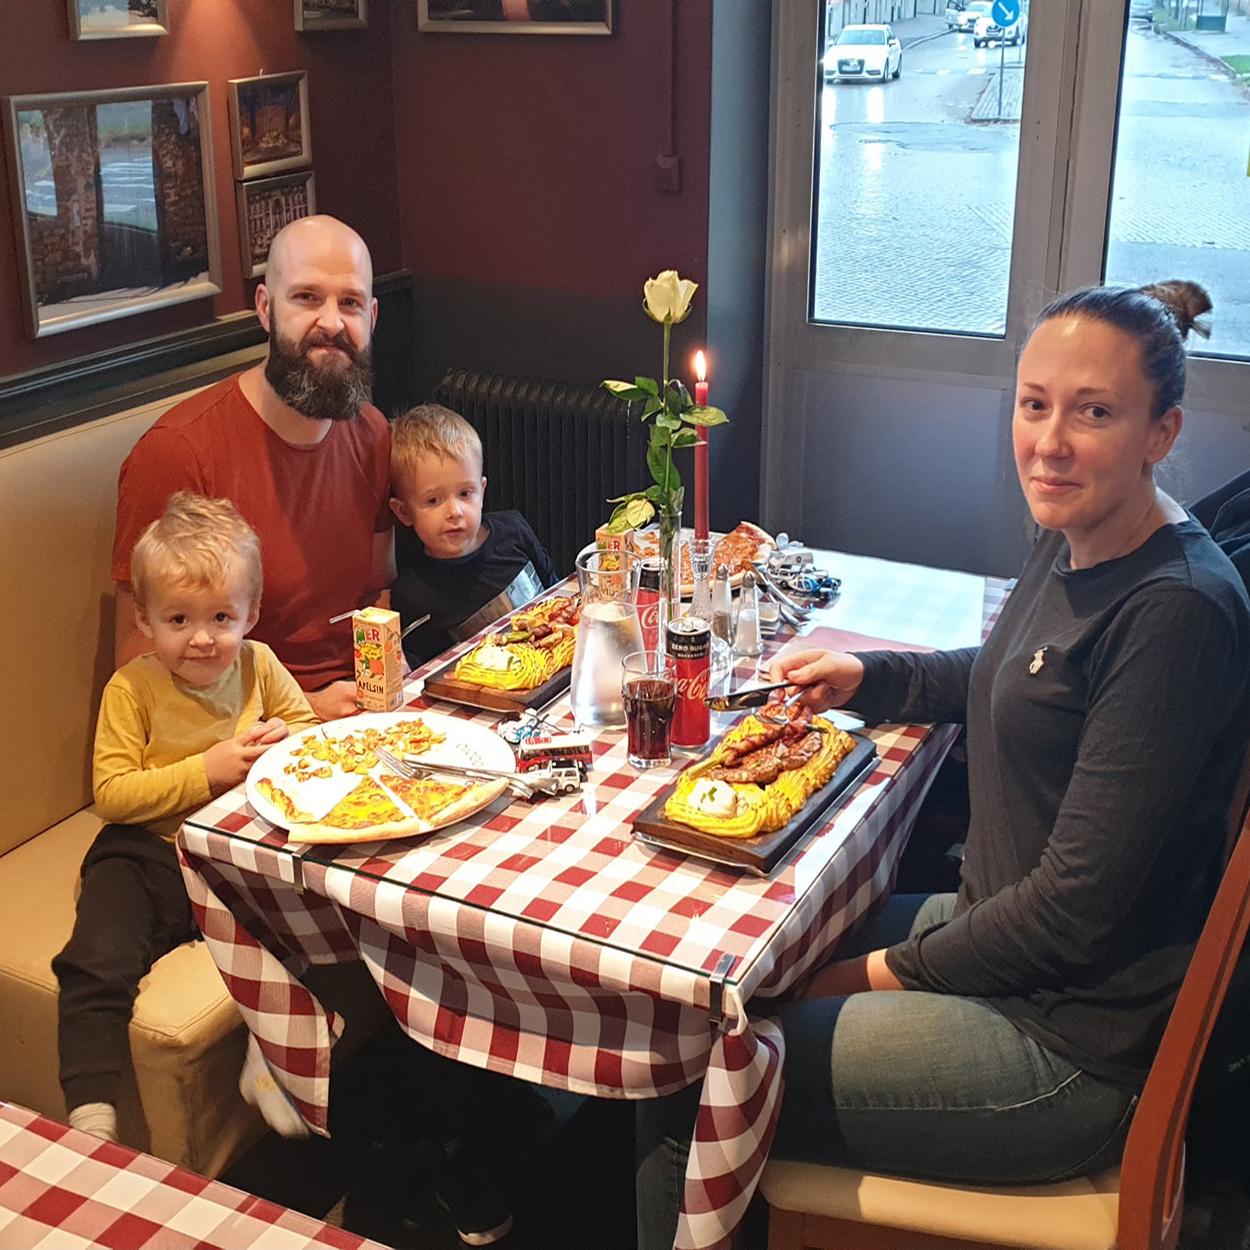 En familj med två små barn - plankstek och pizza, med blomma och tänt ljus